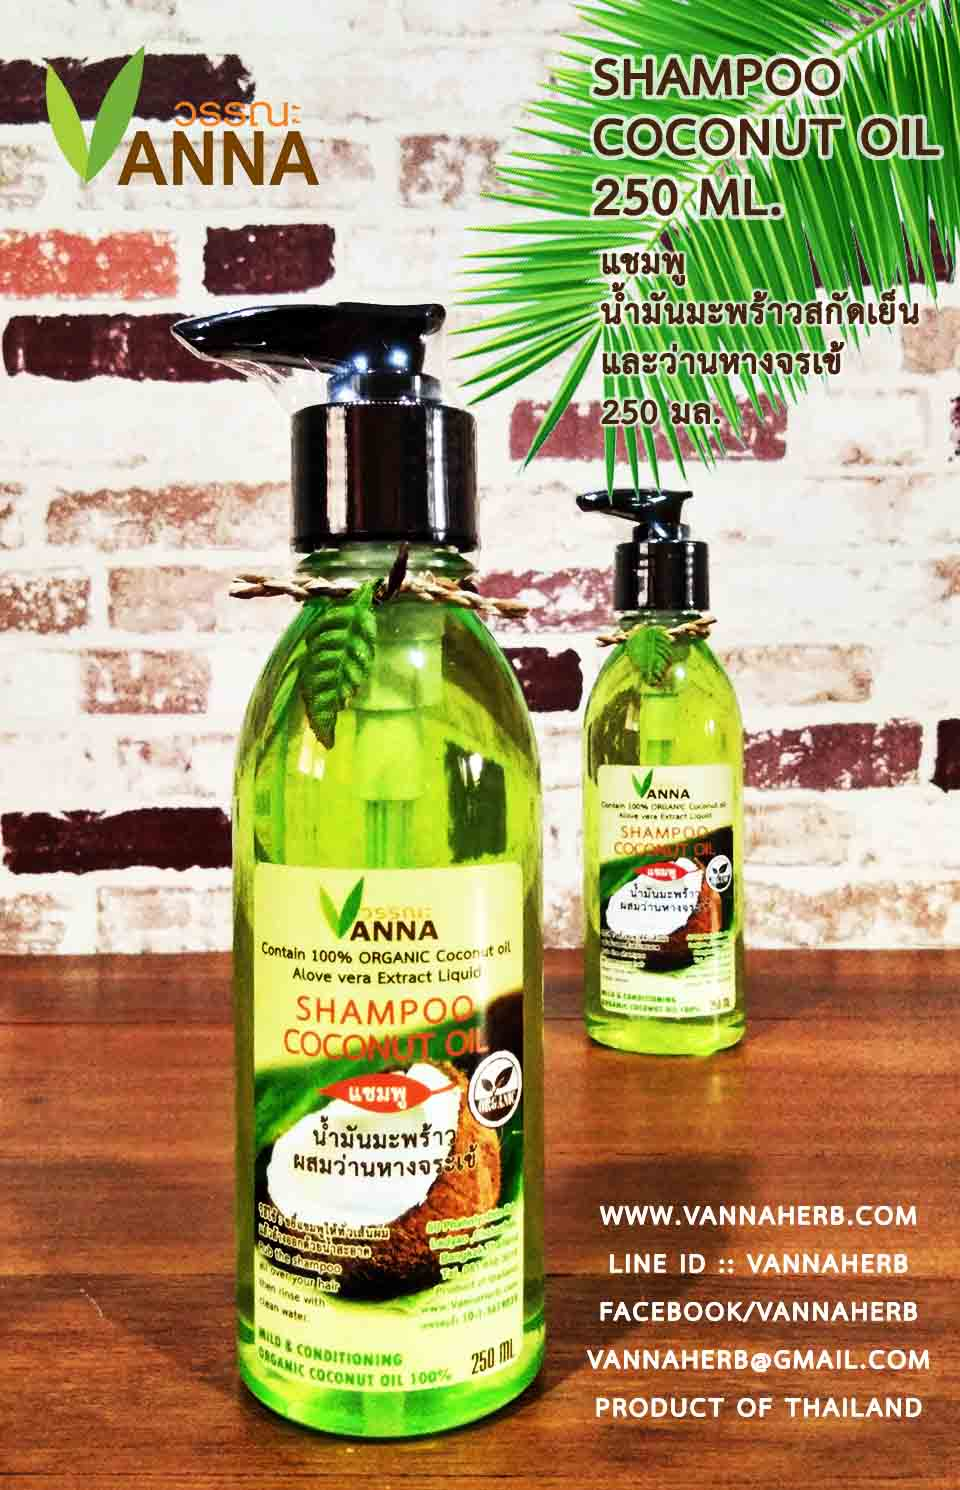 แชมพูน้ำมันมะพร้าวสกัดเย็น (สูตรสำหรับผมมัน) 250 มล. shampoo coconut oil